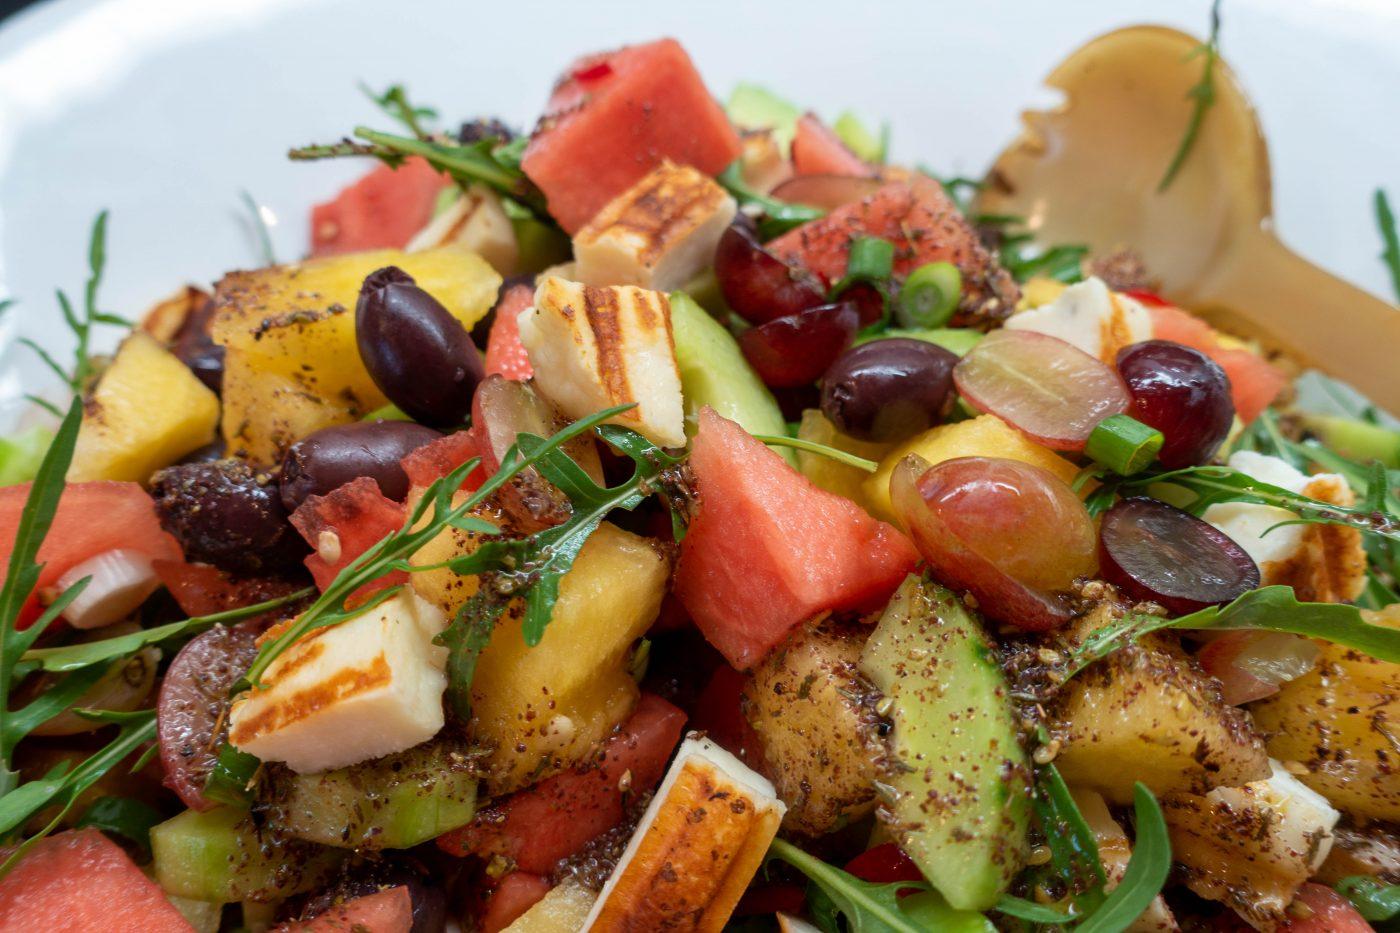 Sommersalat mit Wassermelone, Halloumi und orientalischen Gewürzen